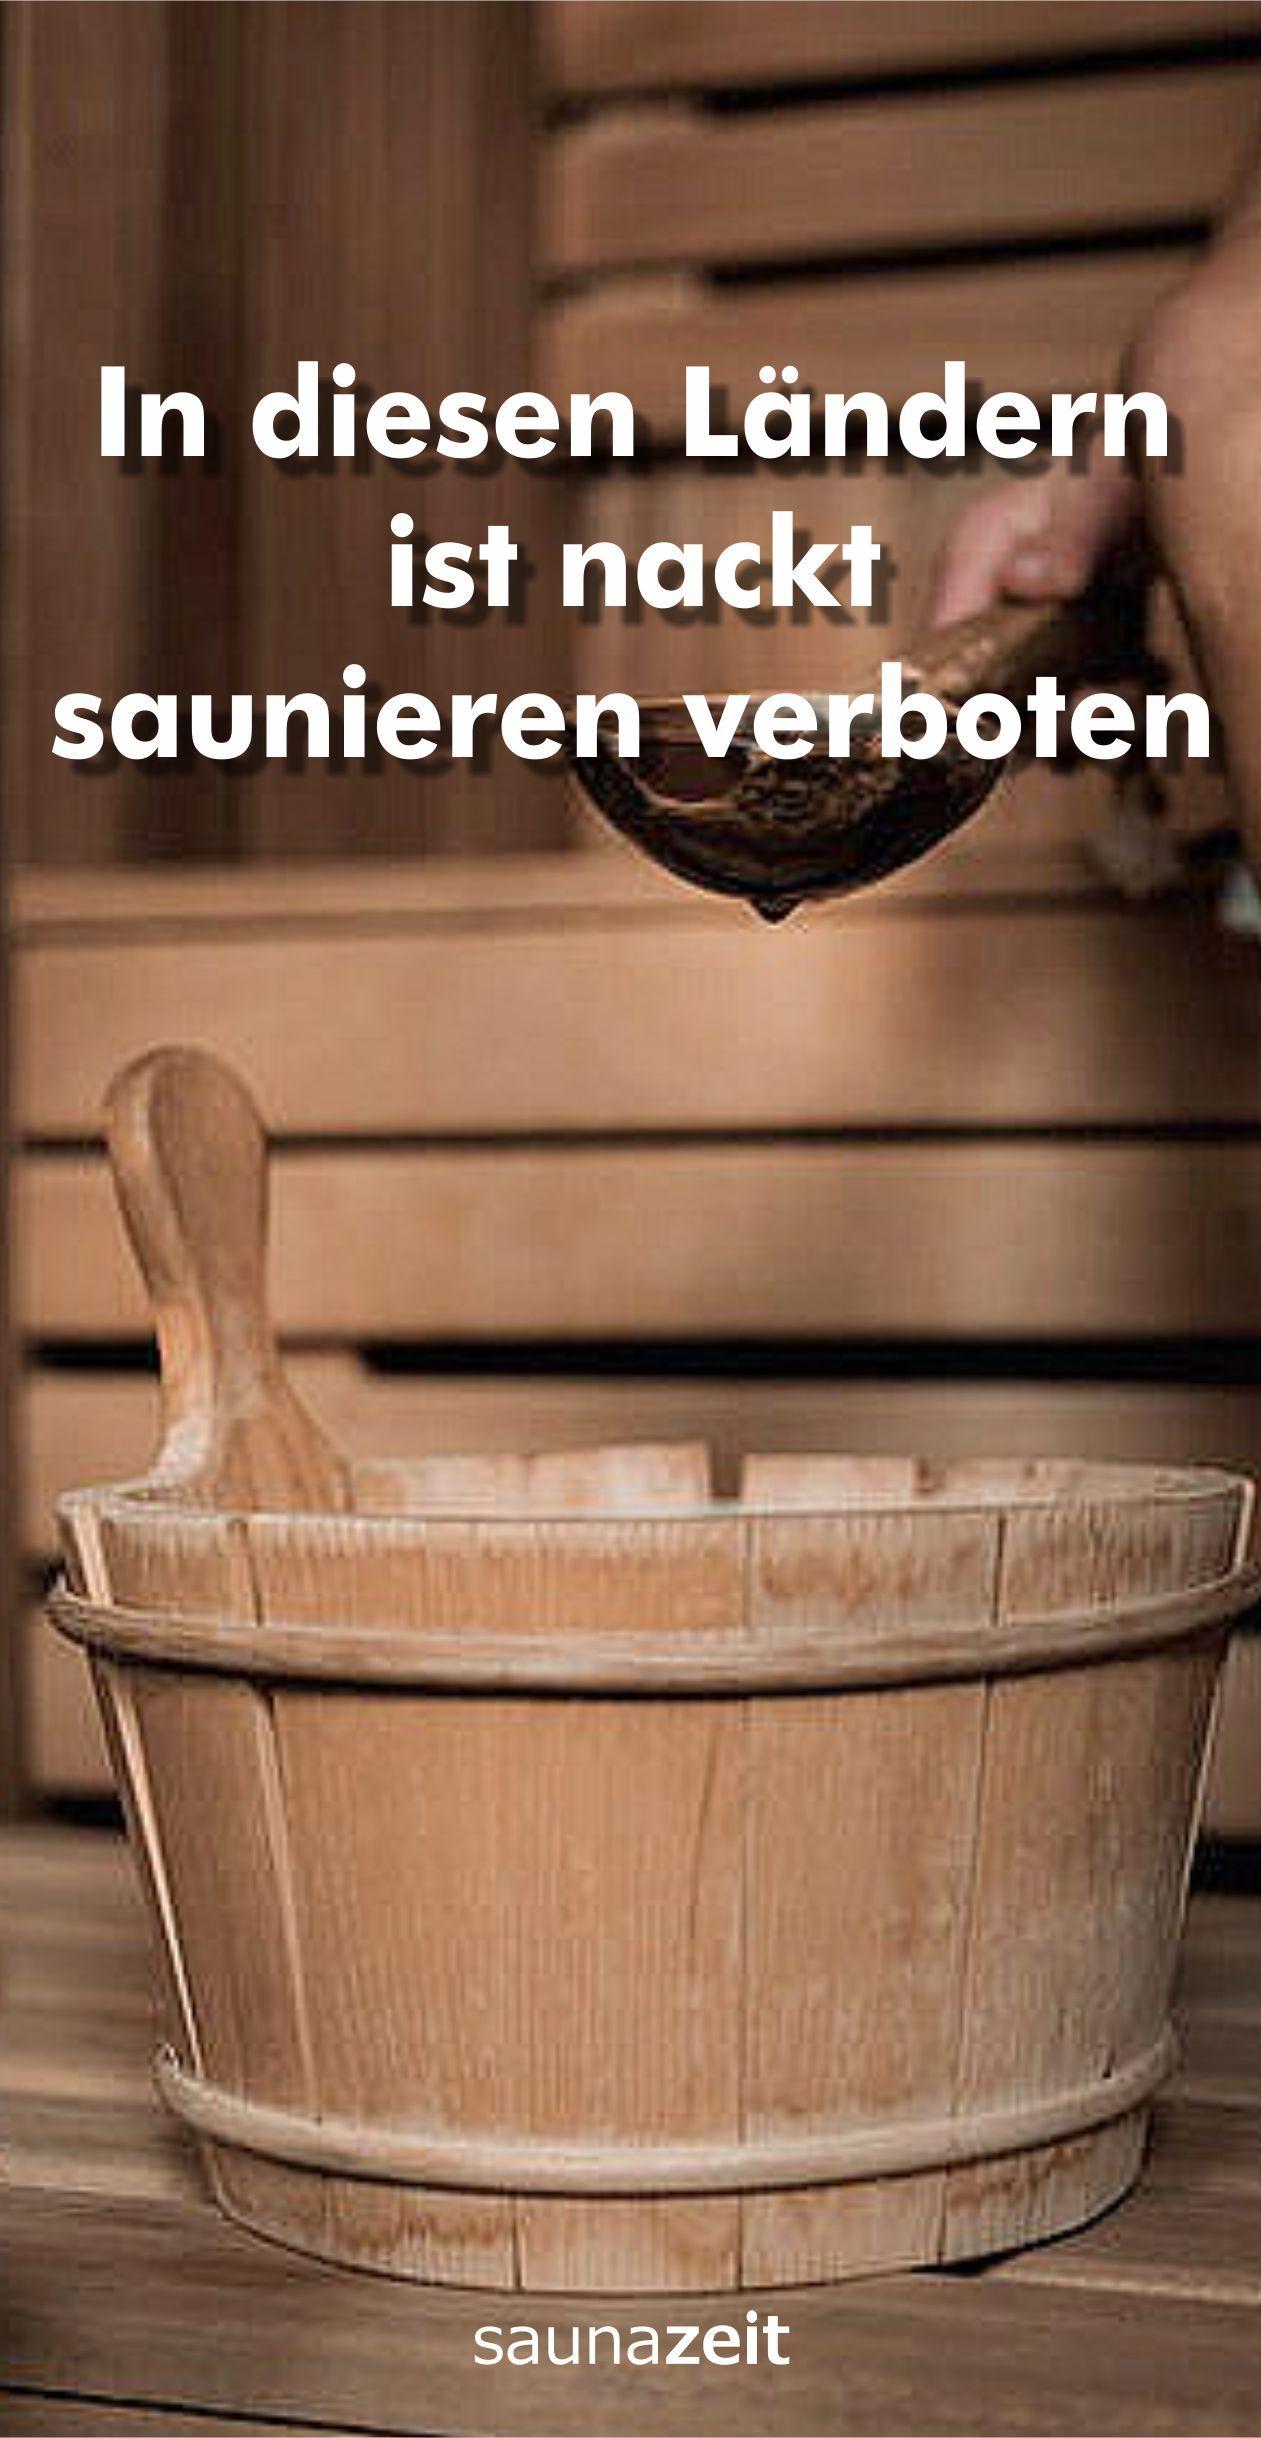 Pin auf Saunazeit Magazin